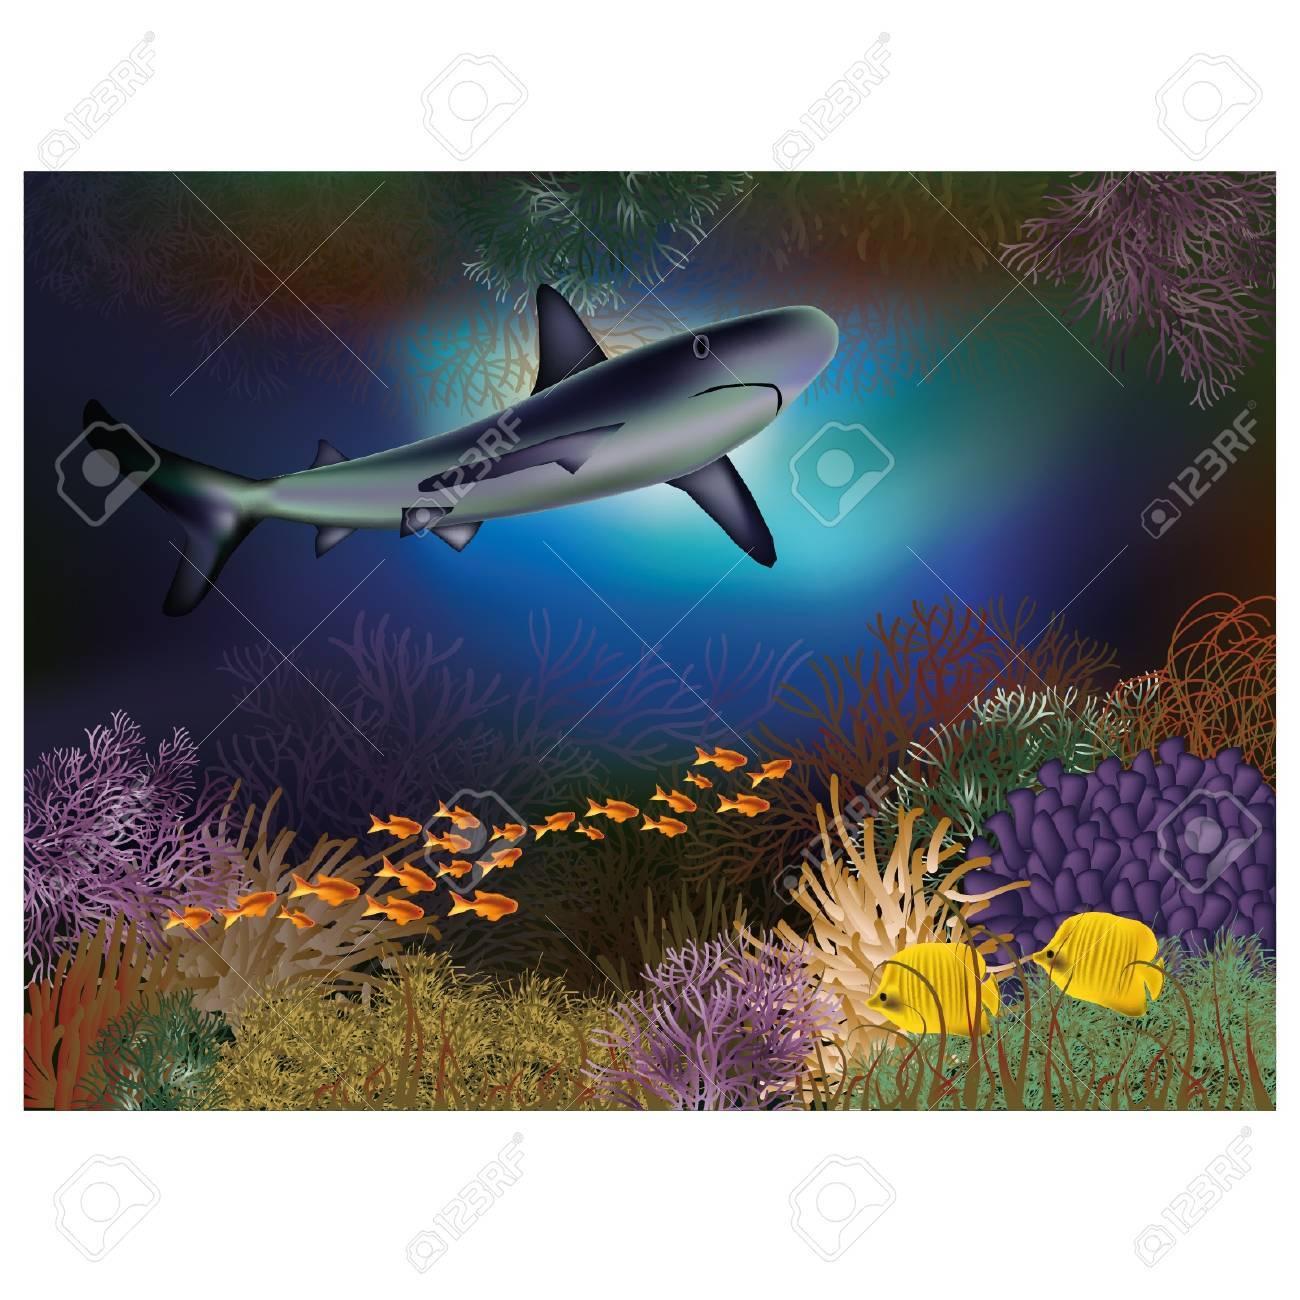 サメや魚の水中壁紙のイラスト素材 ベクタ Image 19935499